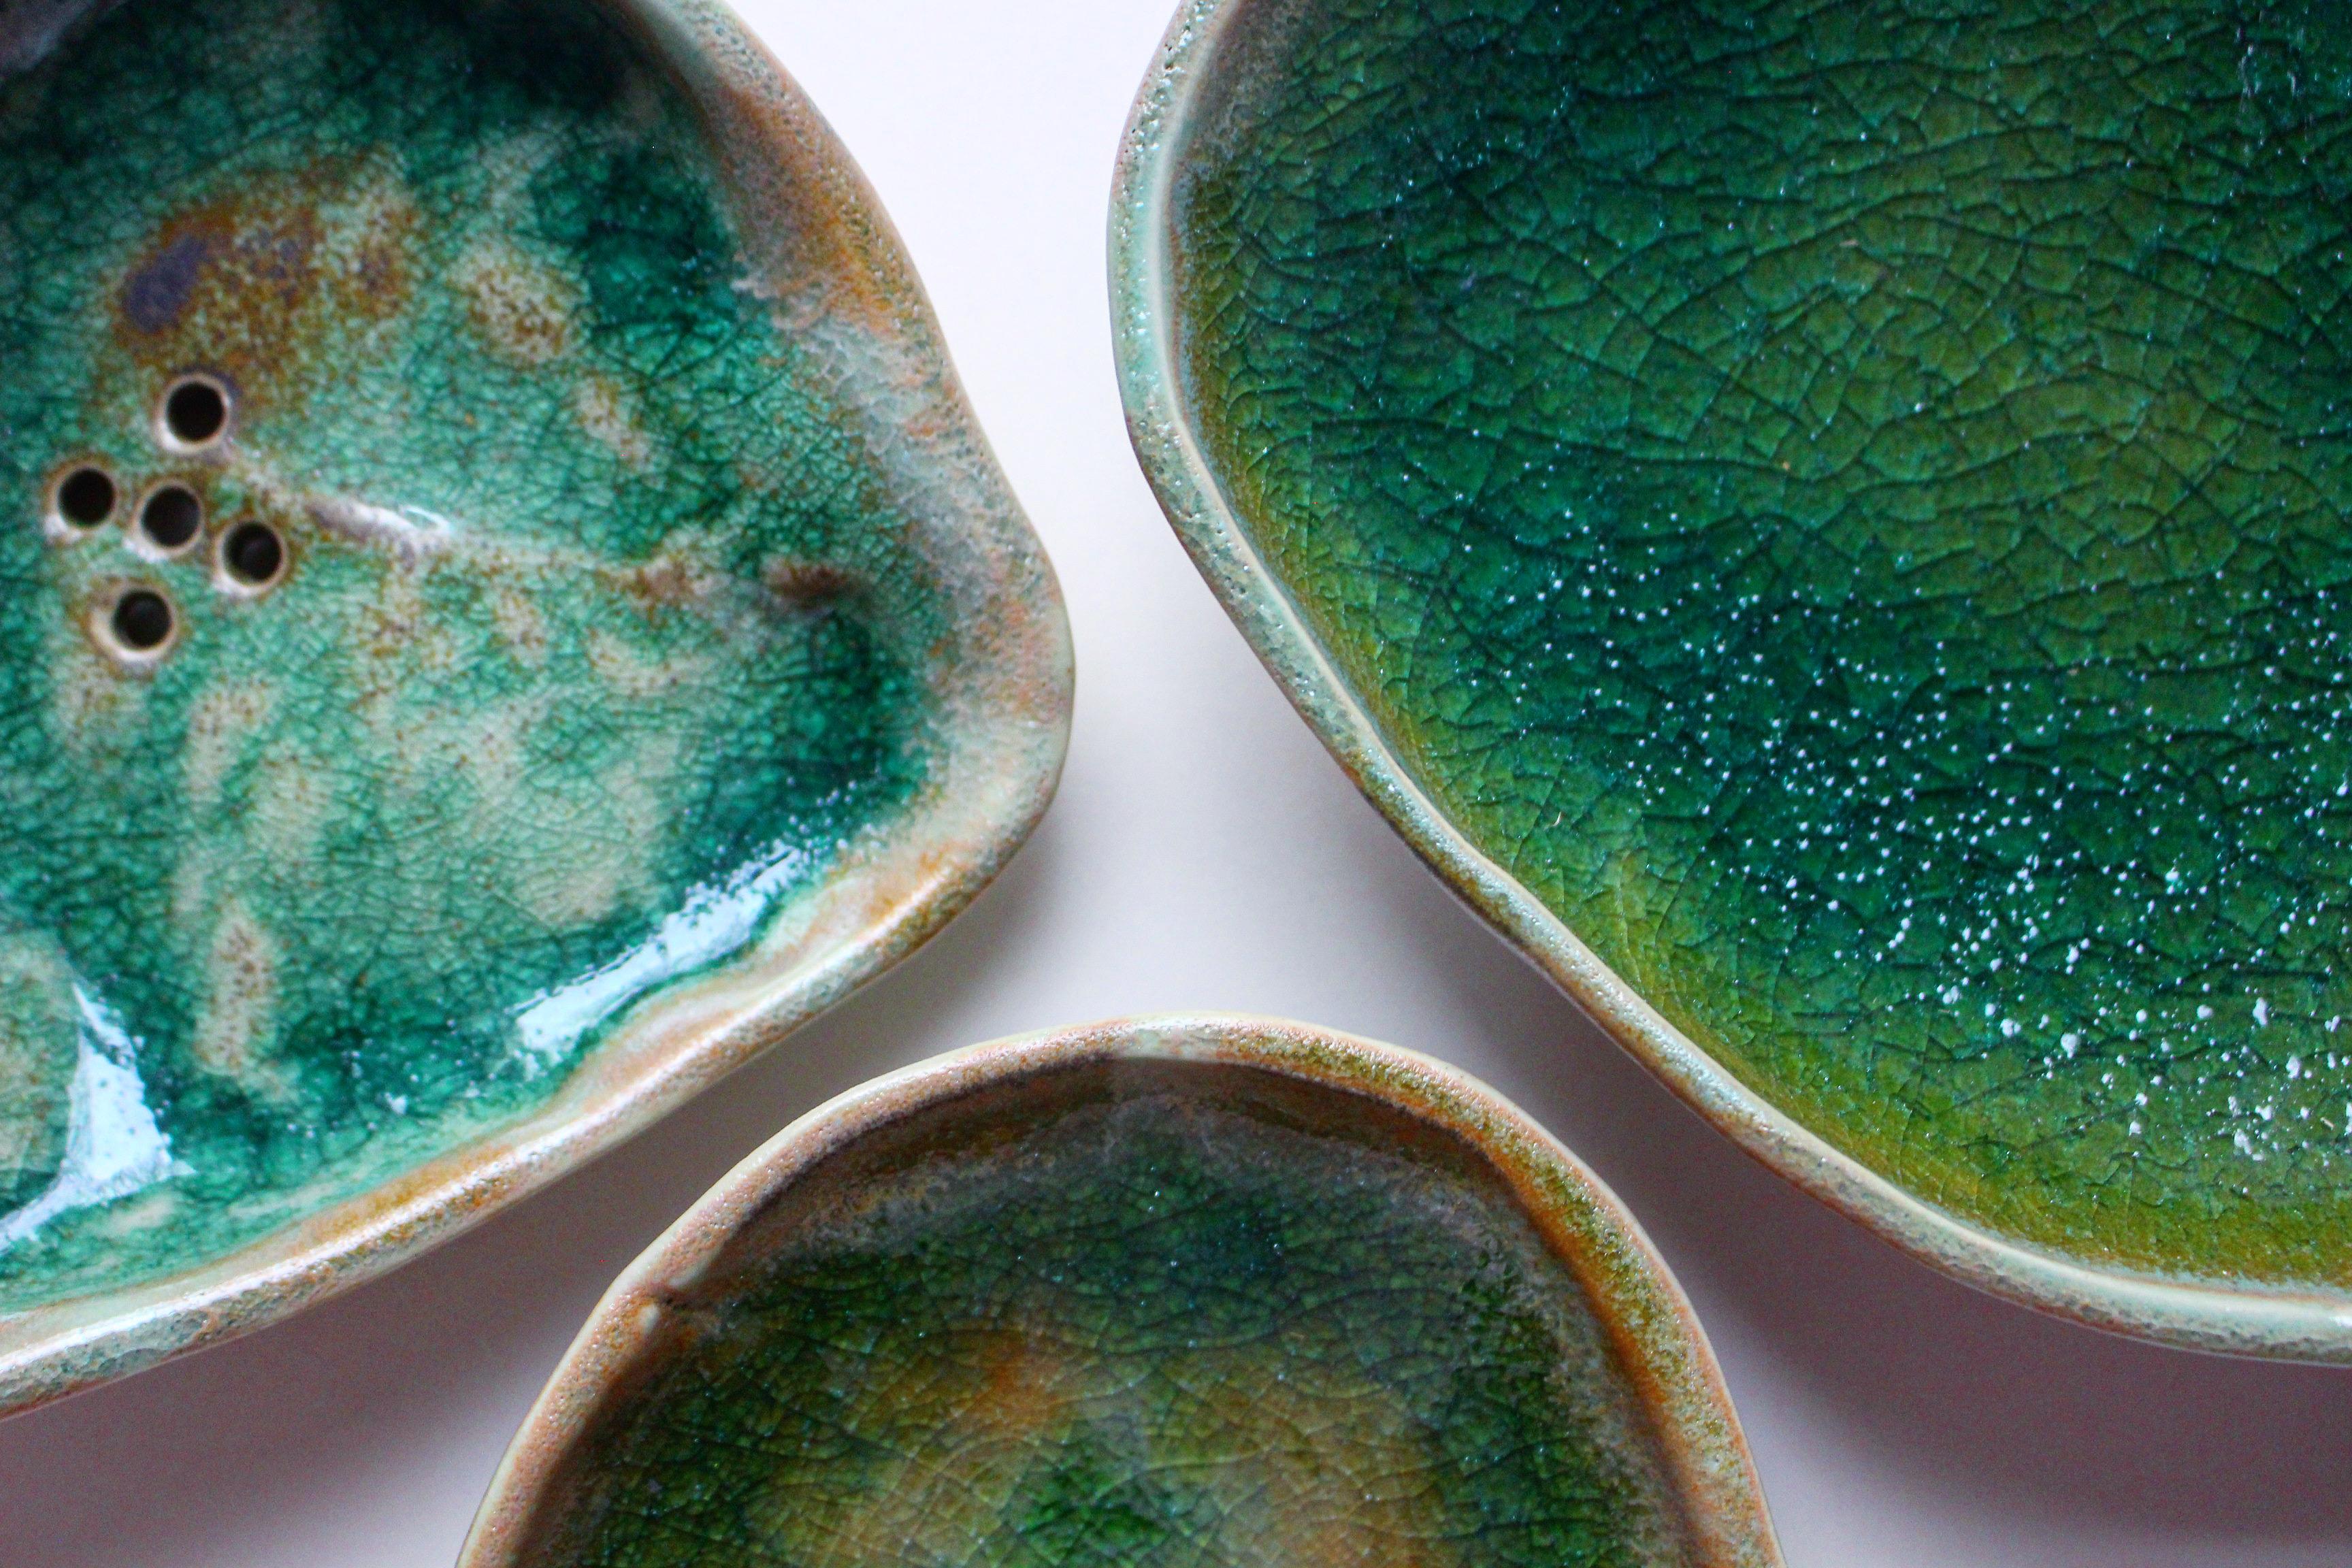 Spicer Ceramics